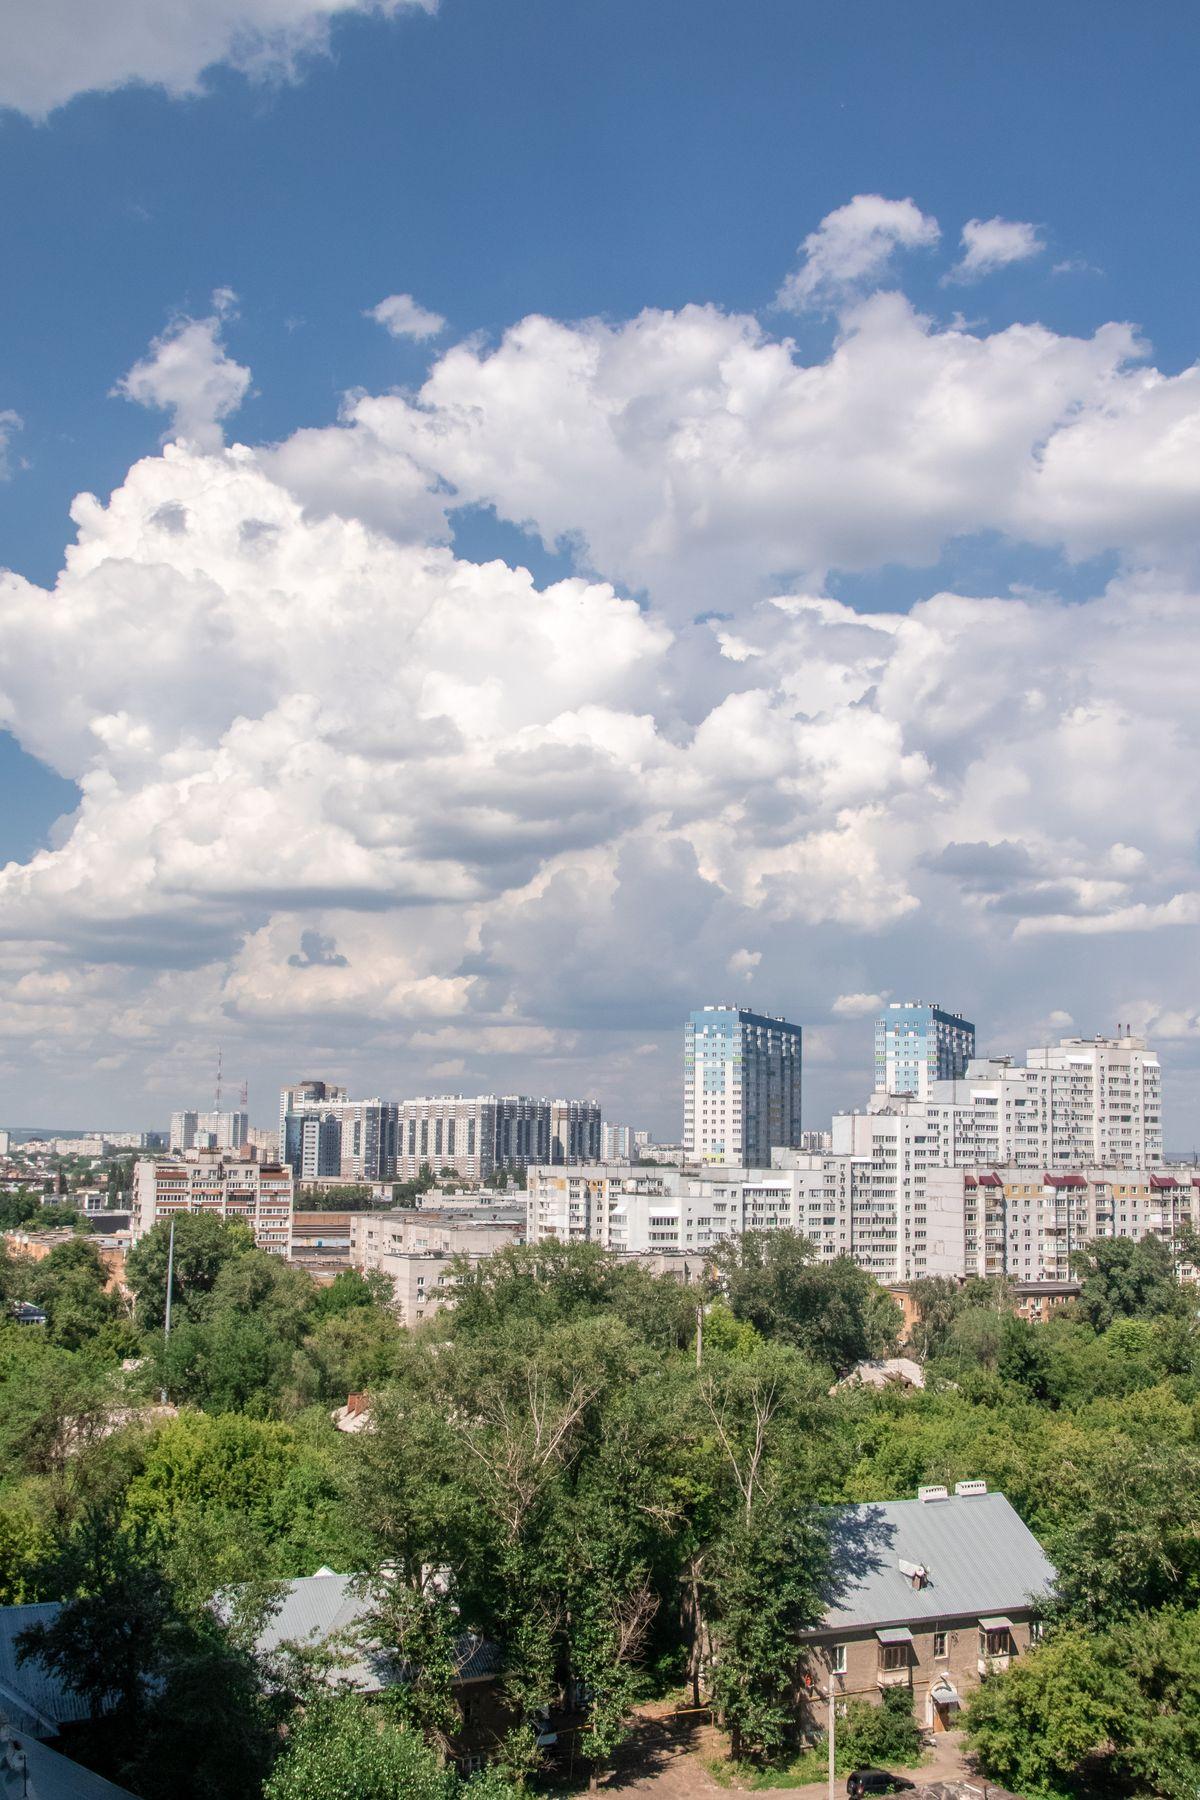 Небесная драма или облака белокрылые лошадки...) Самарские зарисовки Самара пейзаж городской